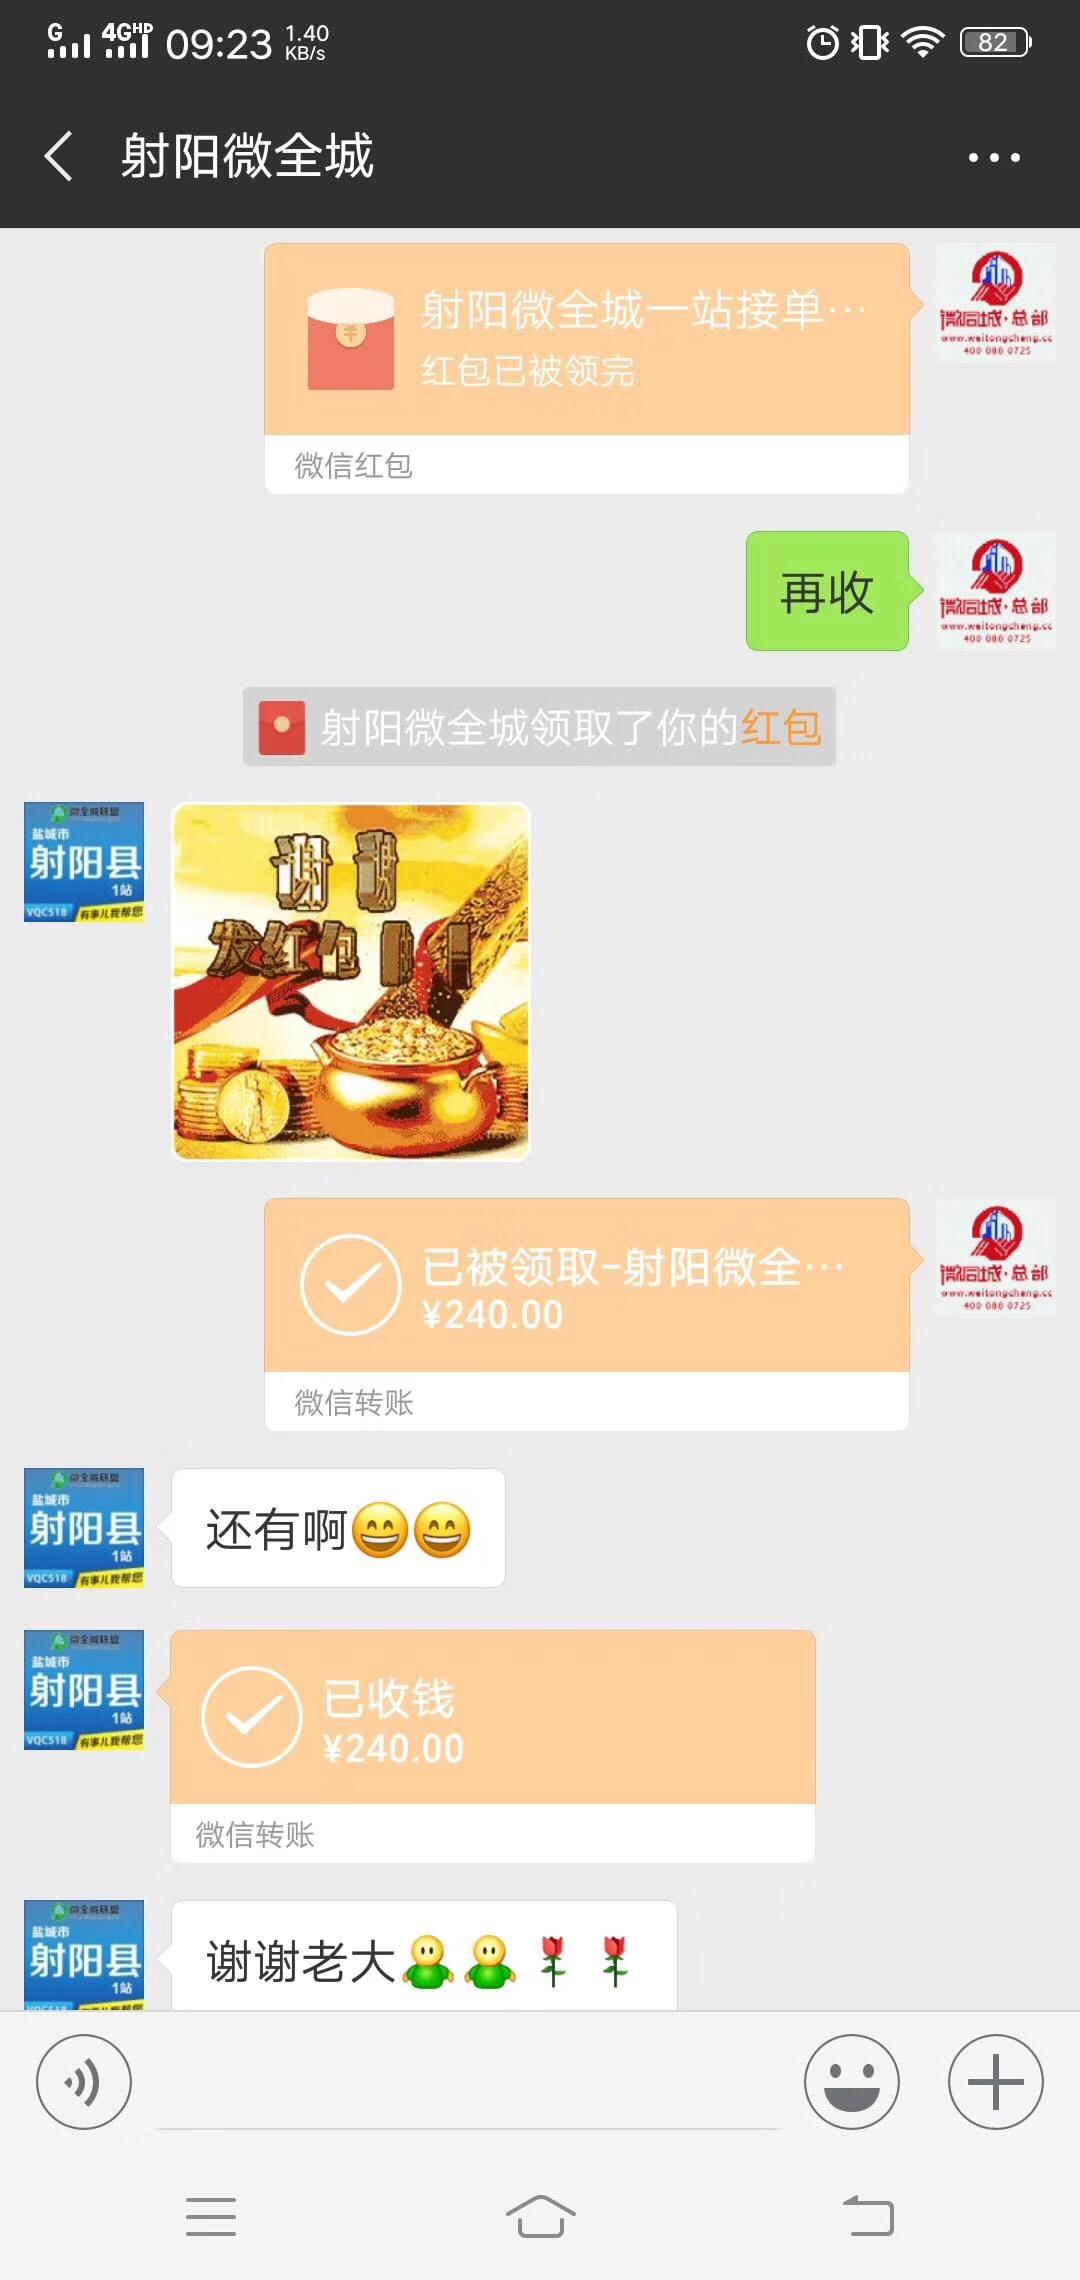 【赚240元】射阳微全城微帮一站广告佣金